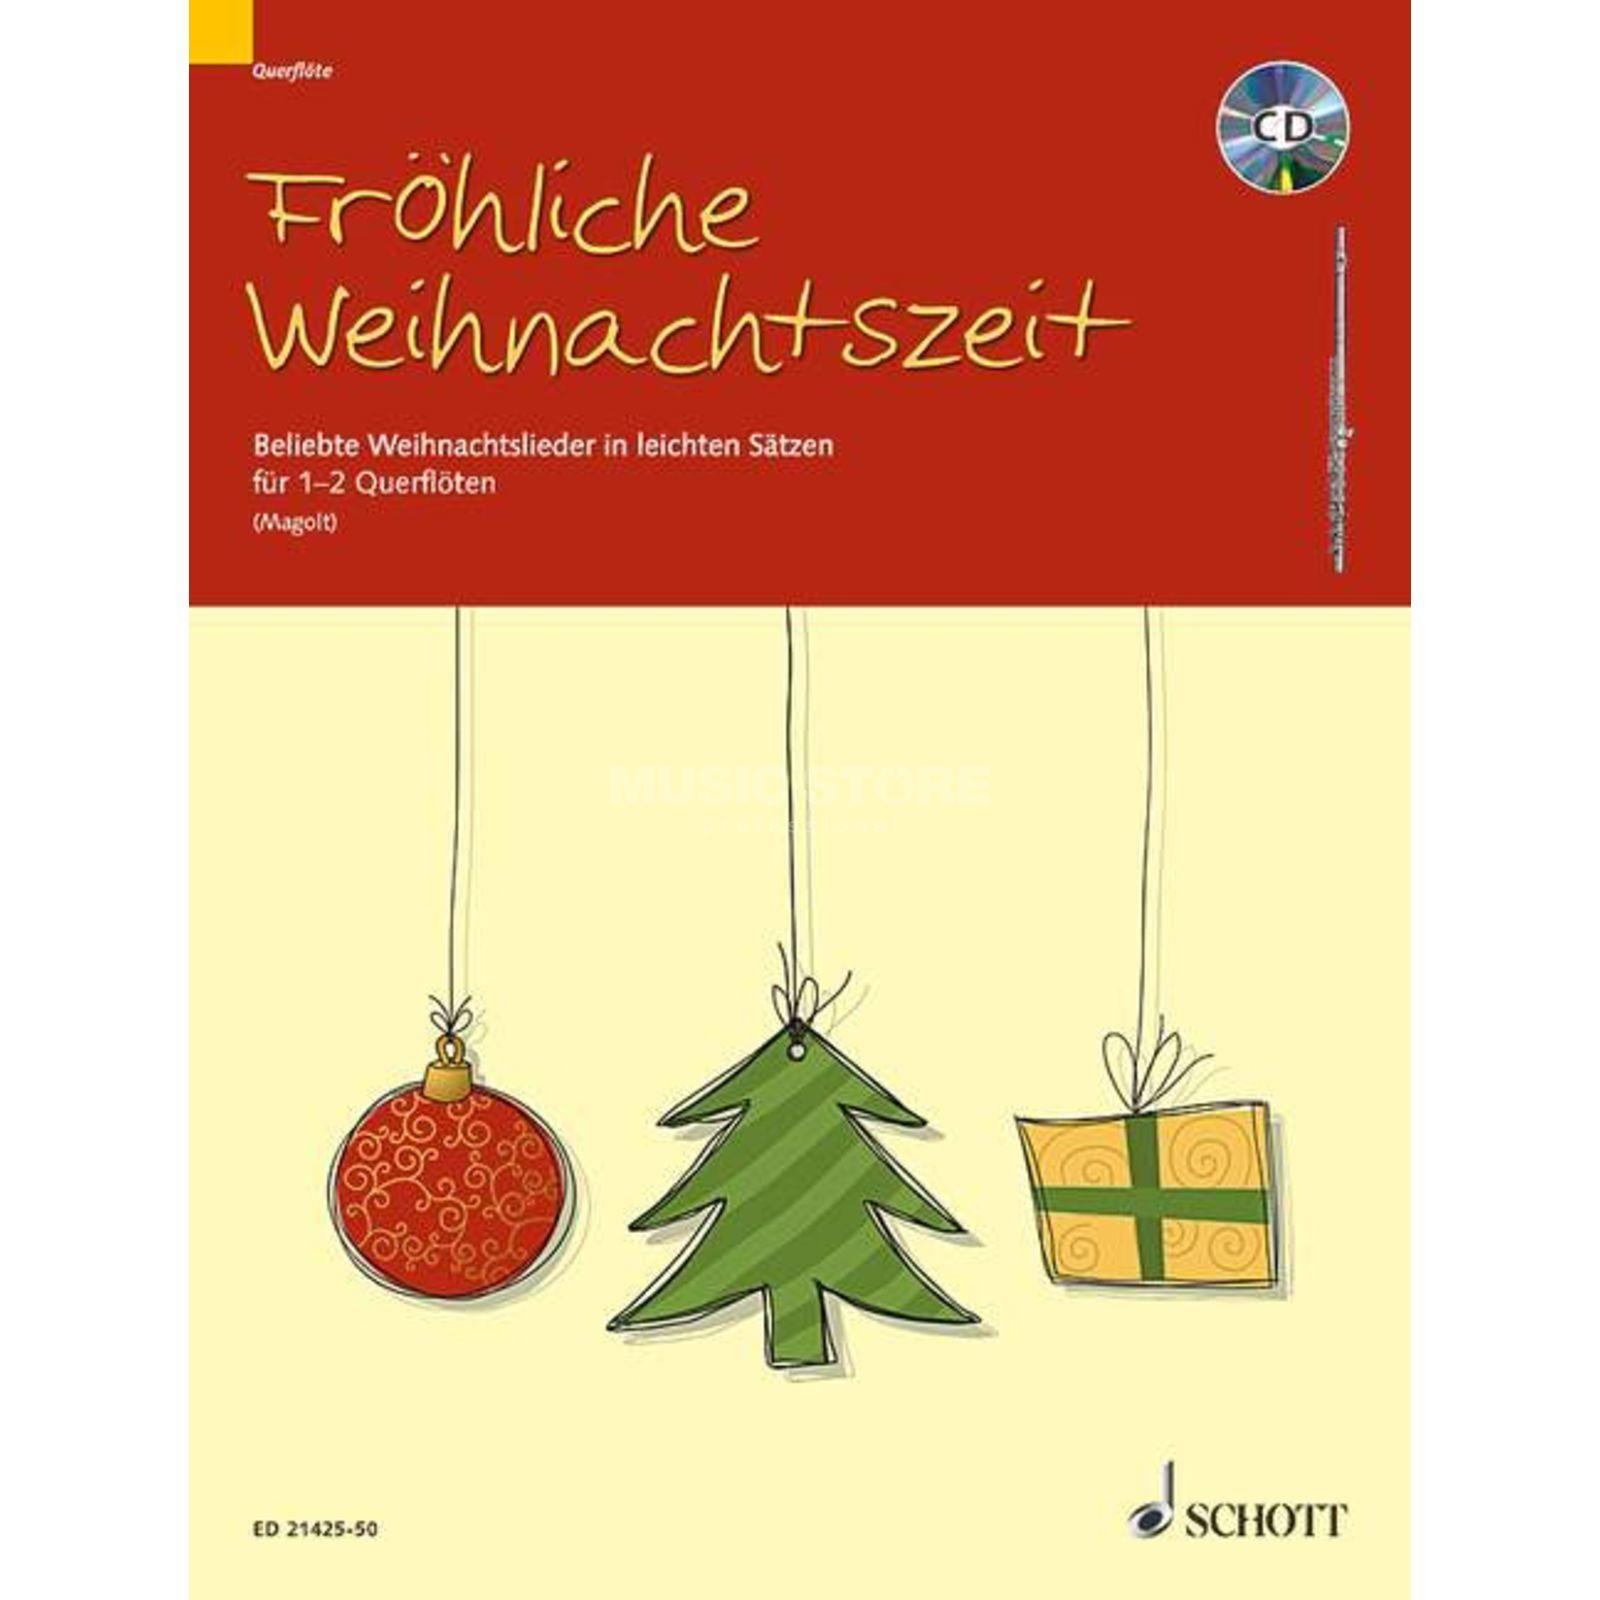 Schott Music Fröhliche Weihnachtszeit